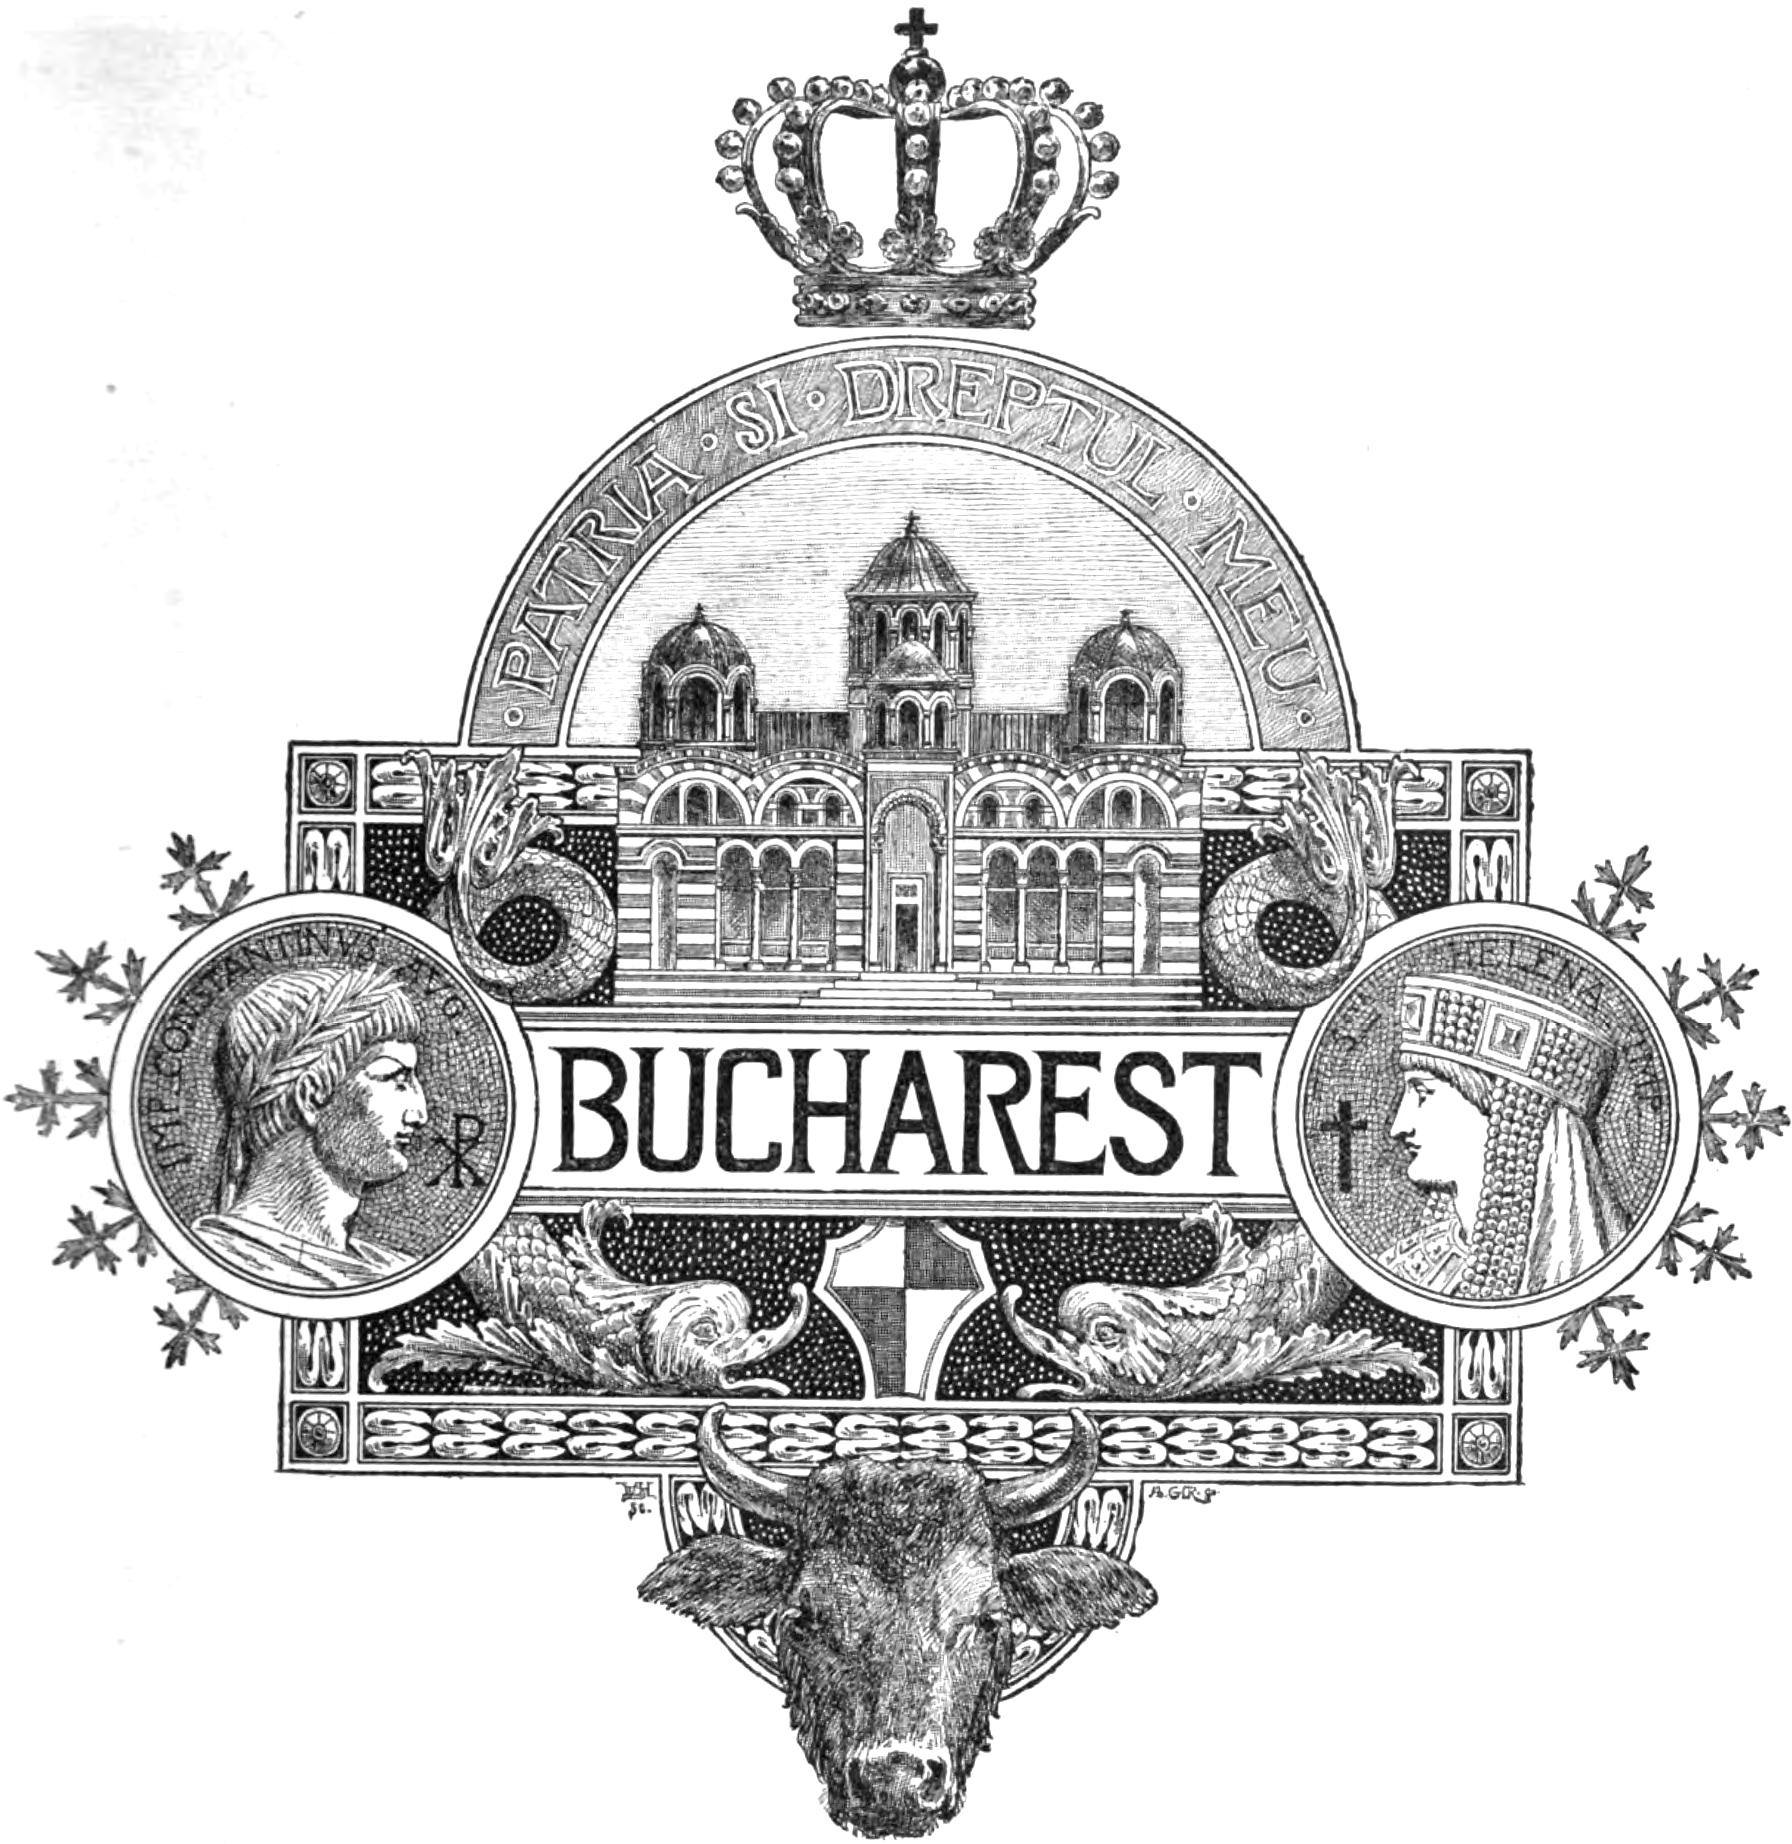 filehistorical bucharest coa 1893 harpers logojpg